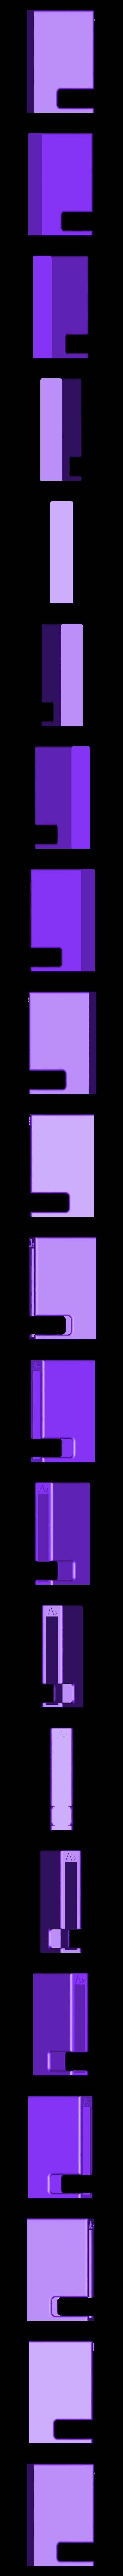 AA_holder.stl Download free STL file Battery Holder • Design to 3D print, milasls